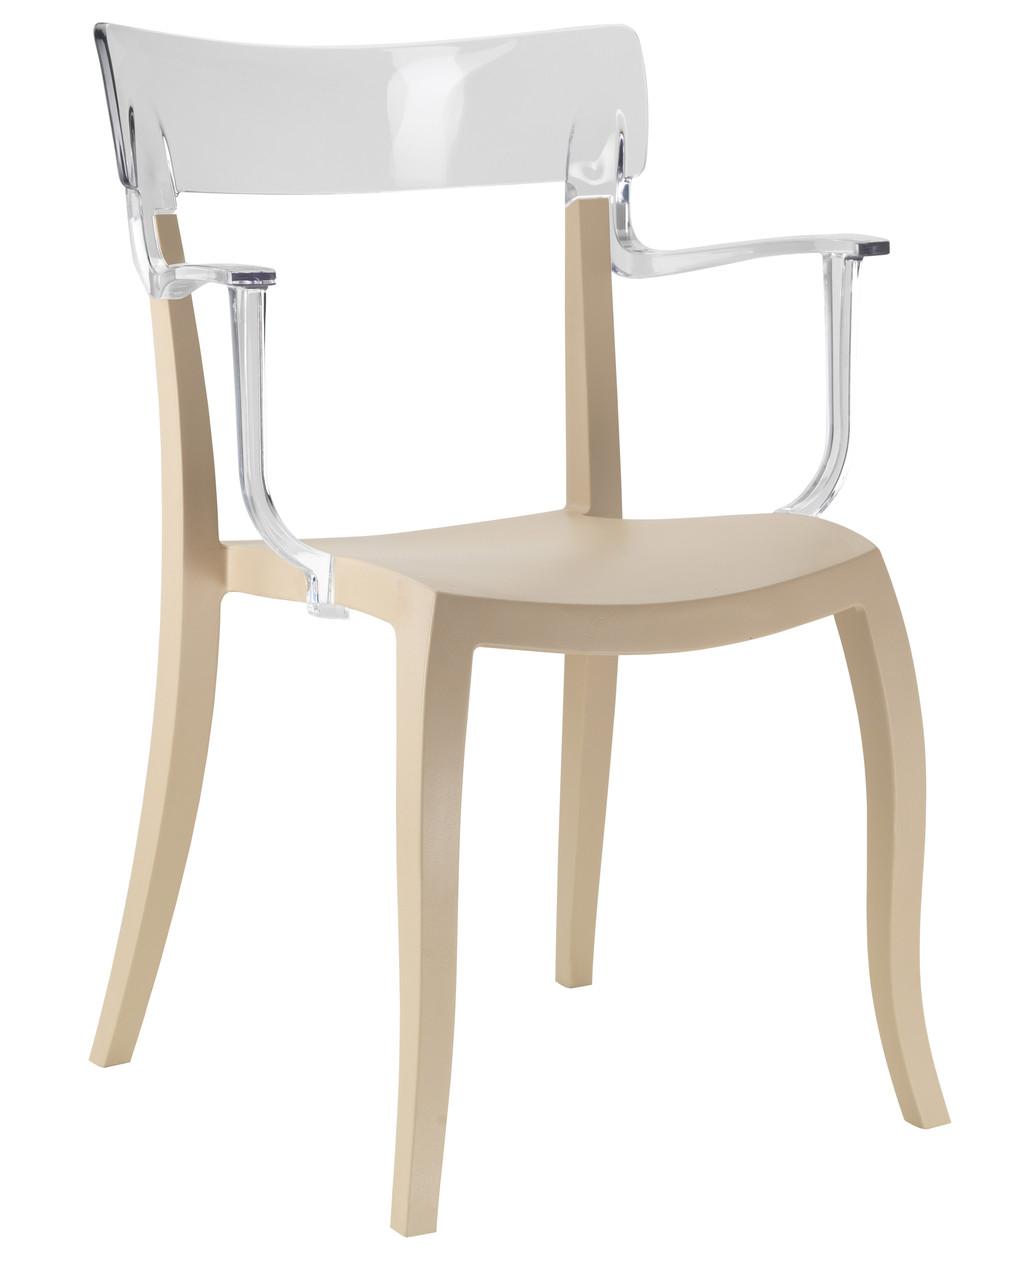 Кресло Hera-K сиденье Песочно-бежевое верх Прозрачно-чистый (Papatya-TM)